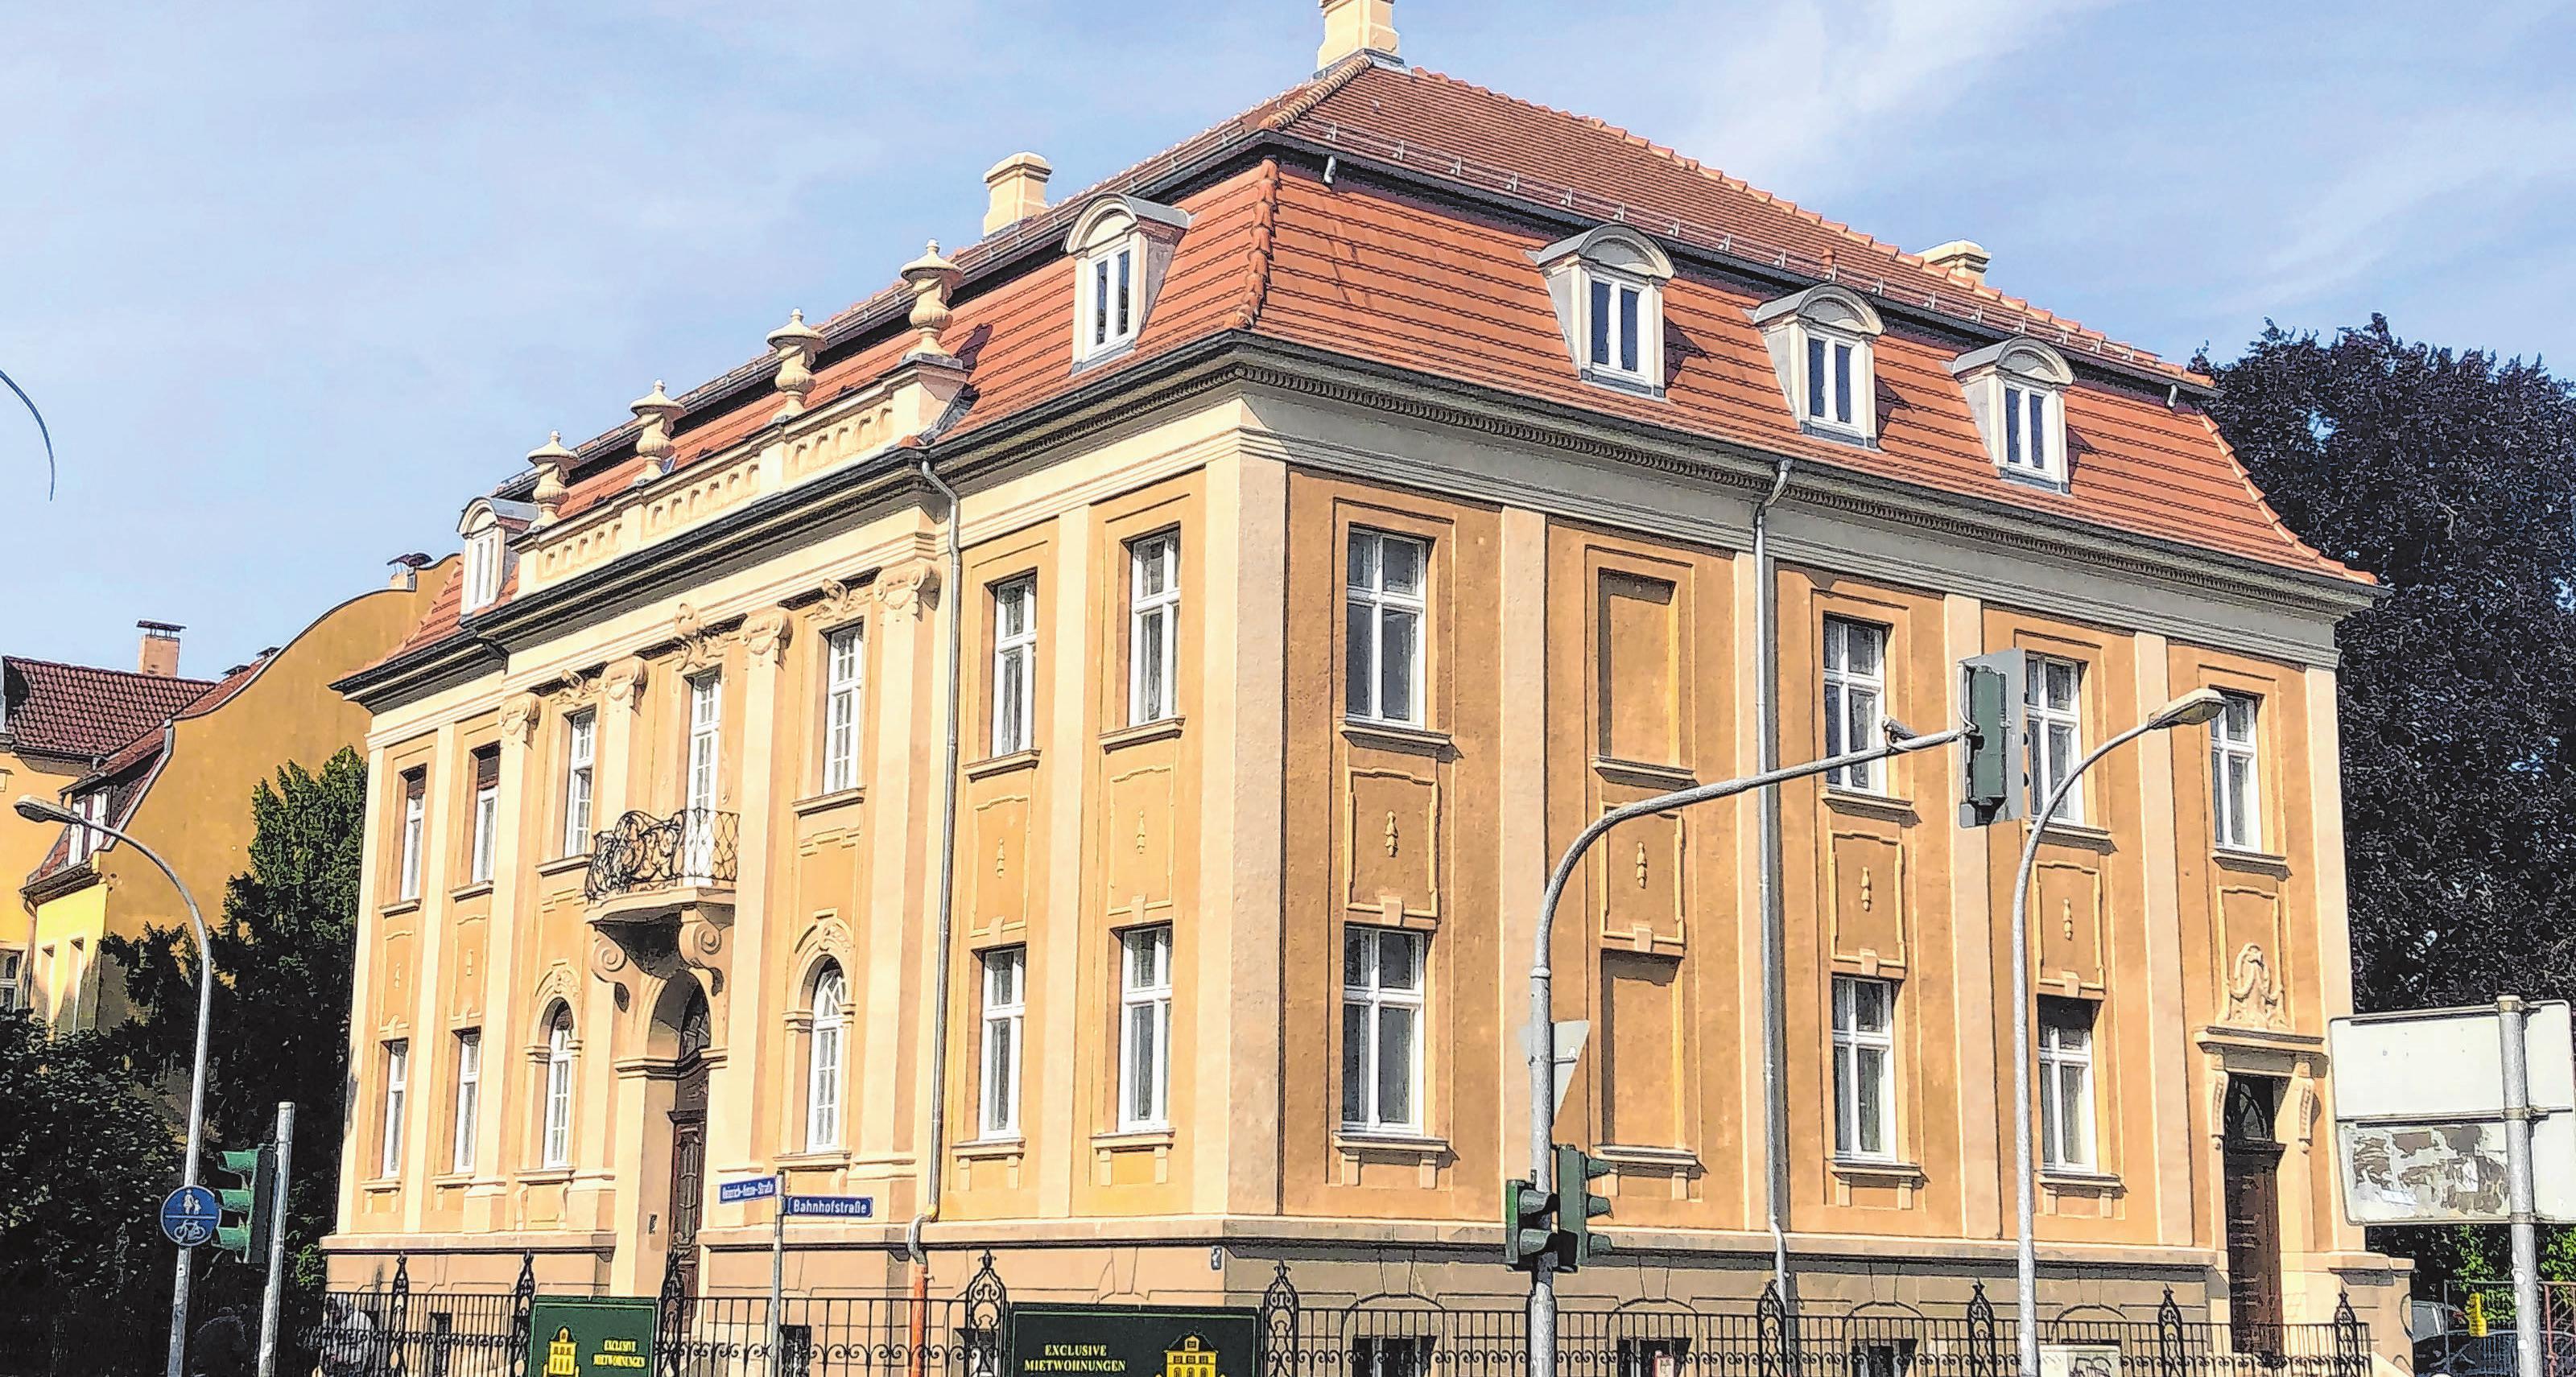 Die 1912 im klassizistischen Stil erbaute Bölke-Villa gehört zu den imposantesten Bauwerken der Stadt Neuruppin. Jetzt wird sie aufwändig auf private Initiative hin in Stand gesetzt. Fotos (2): Steven Wolter